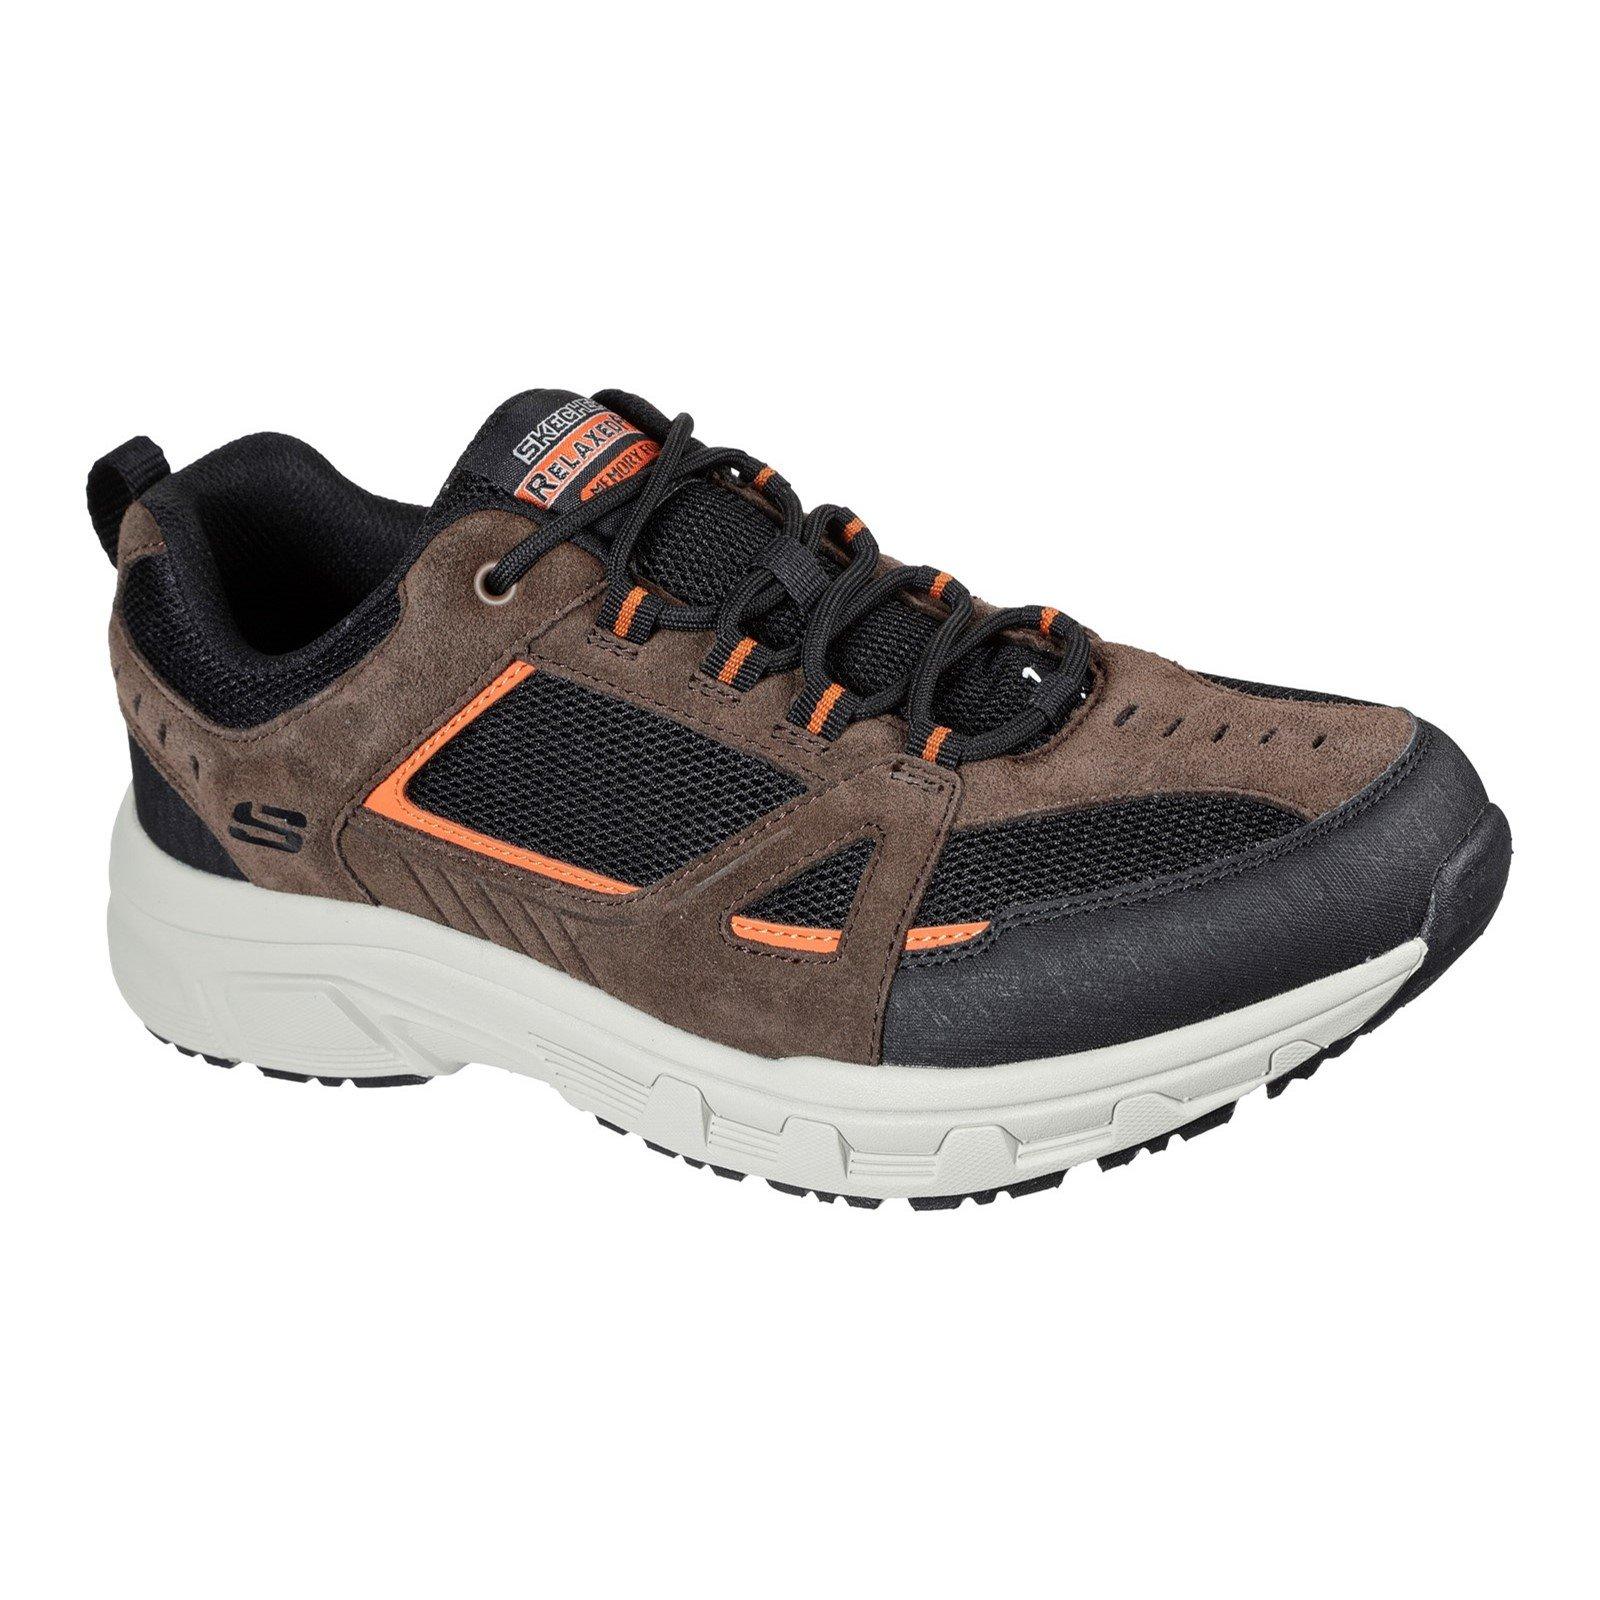 Skechers Men's Oak Canyon Duelist Trainer Various Colours 32187 - Chocolate/Black 6